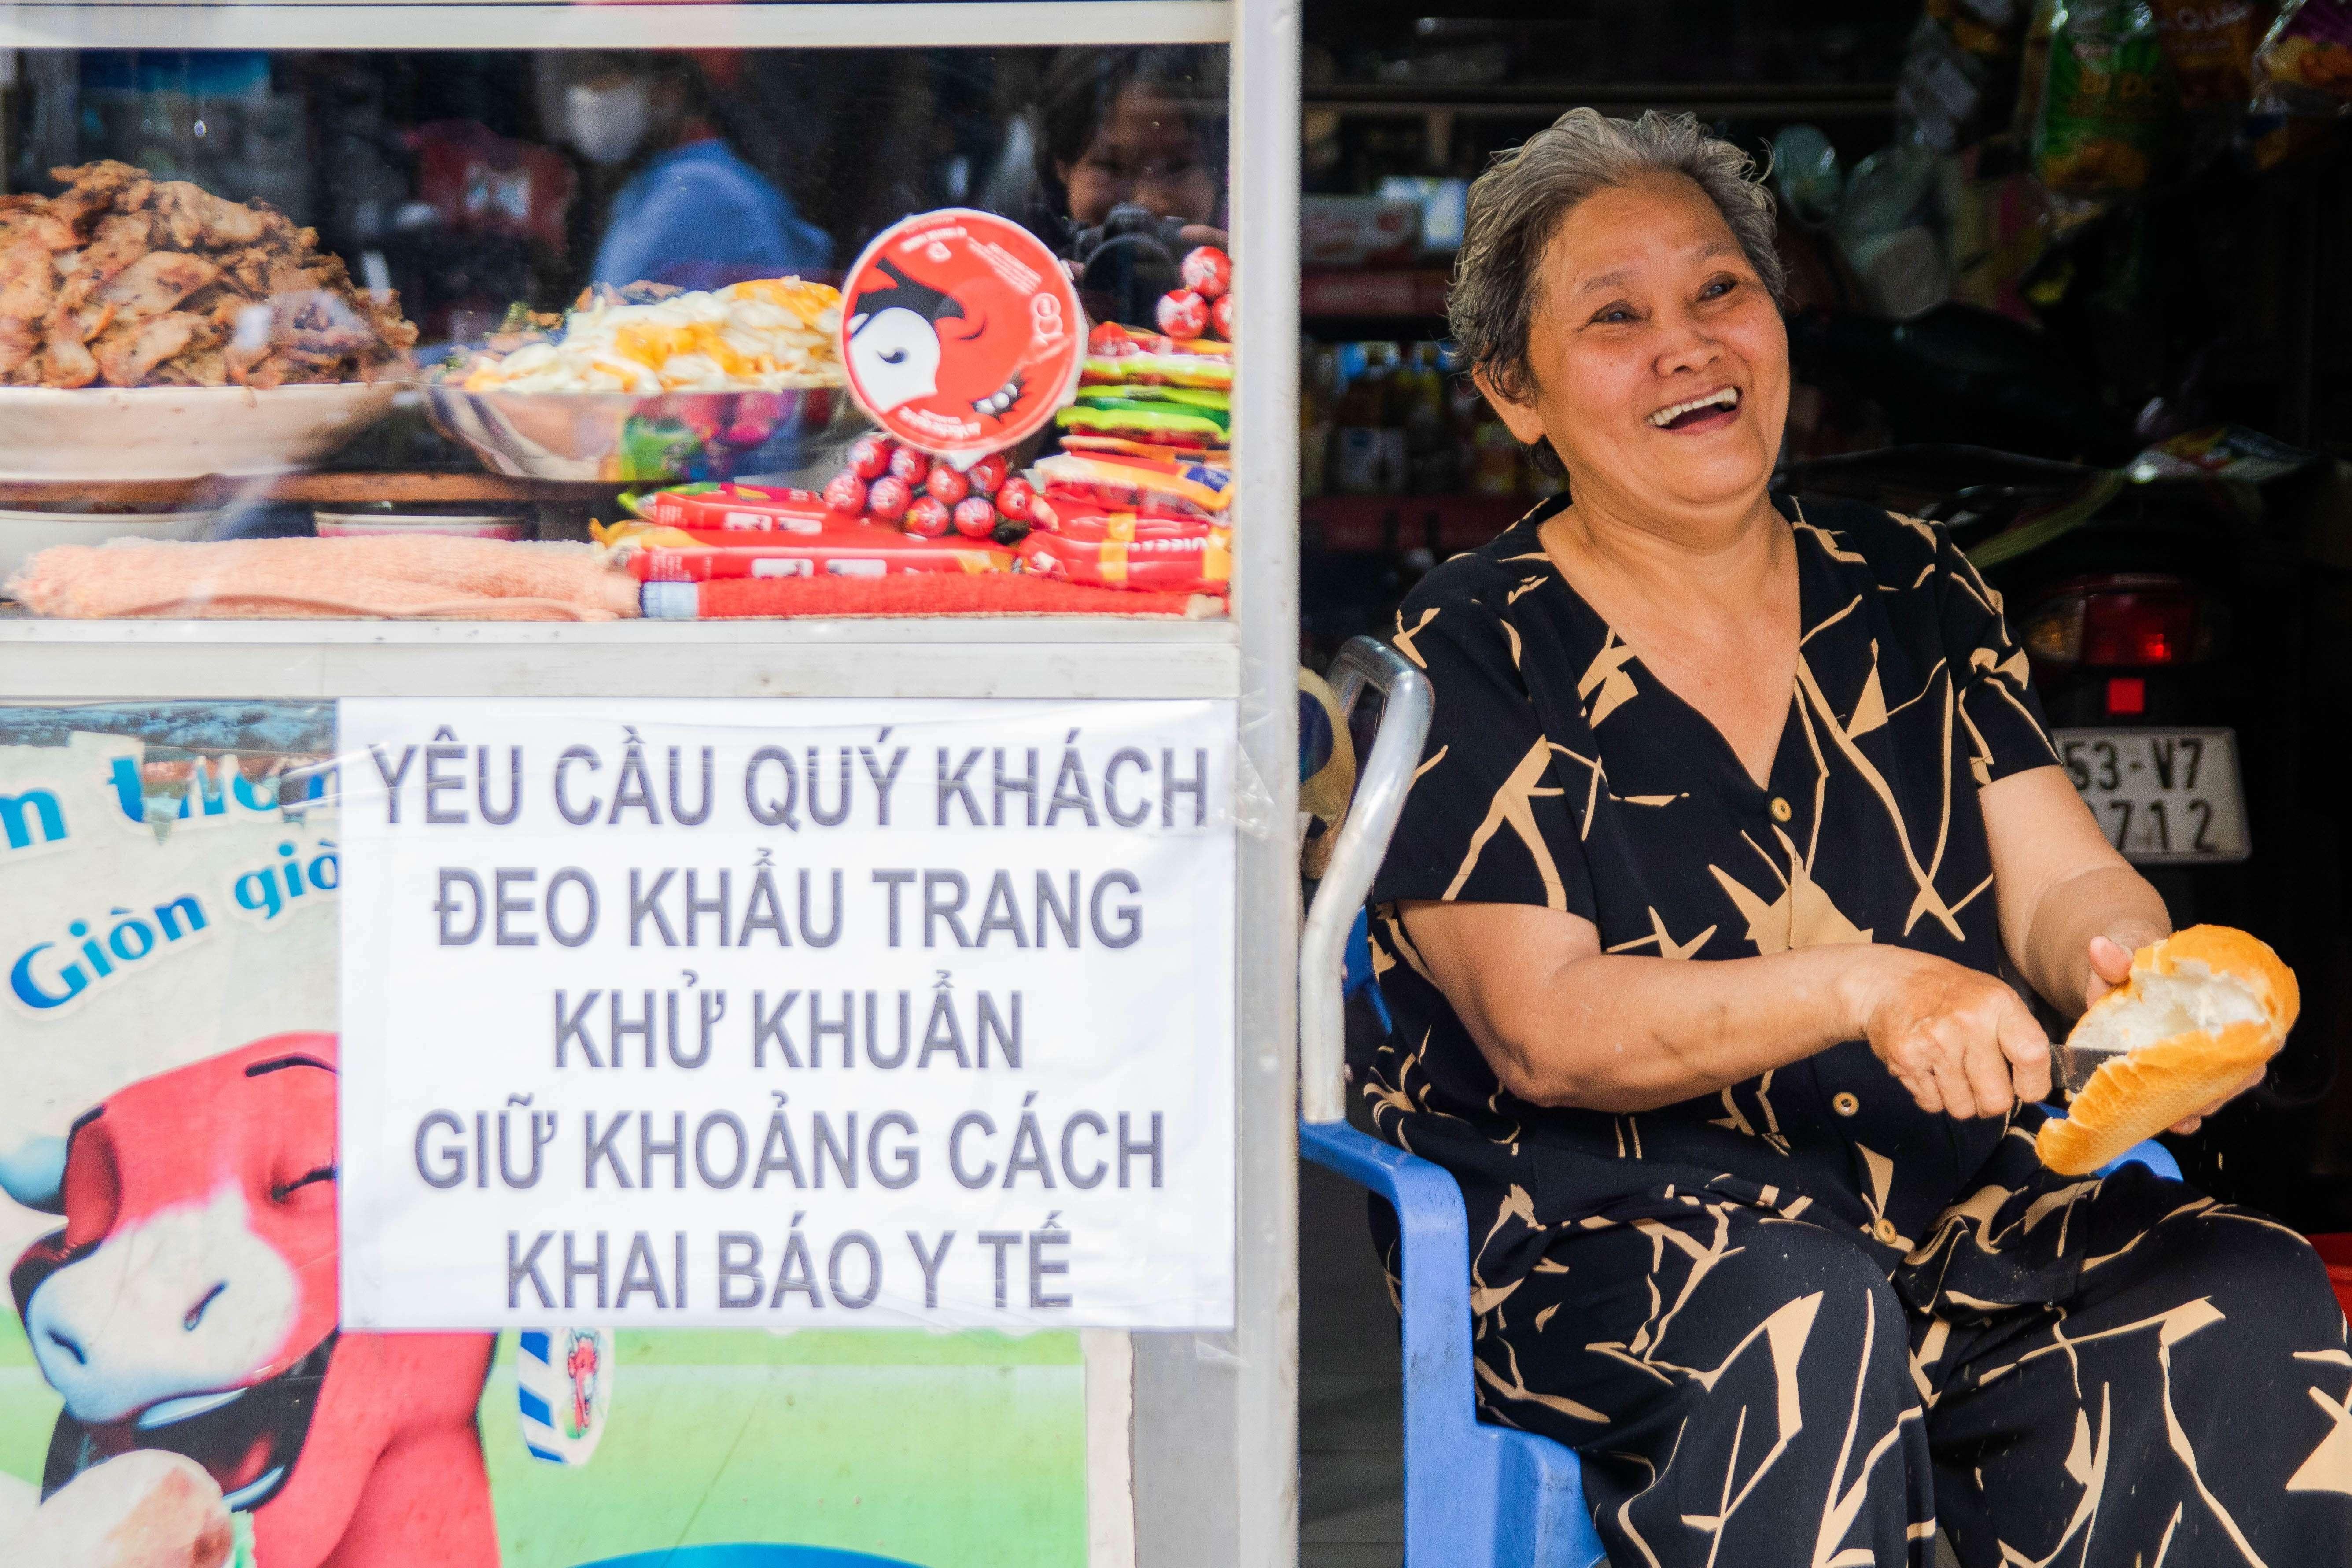 Banh mi Ba Tau 45 nam noi tieng tai TP.HCM anh 1